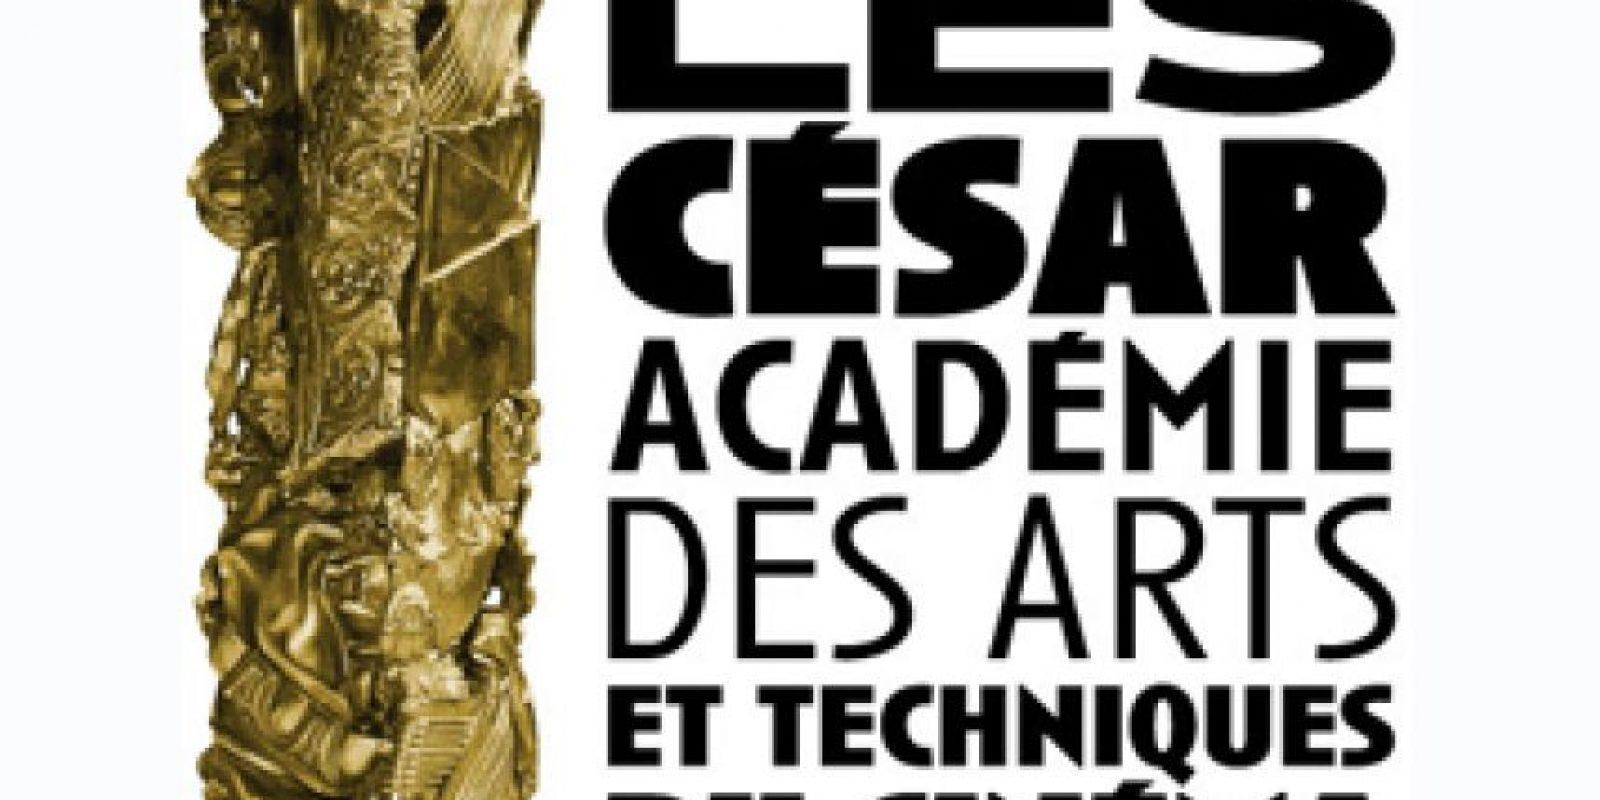 7- Premios César. La Academia del Cine Francés premia anualmente desde 1975 al mejor cine de la región. (Viernes 26 de febrero) Foto:Fuente Externa